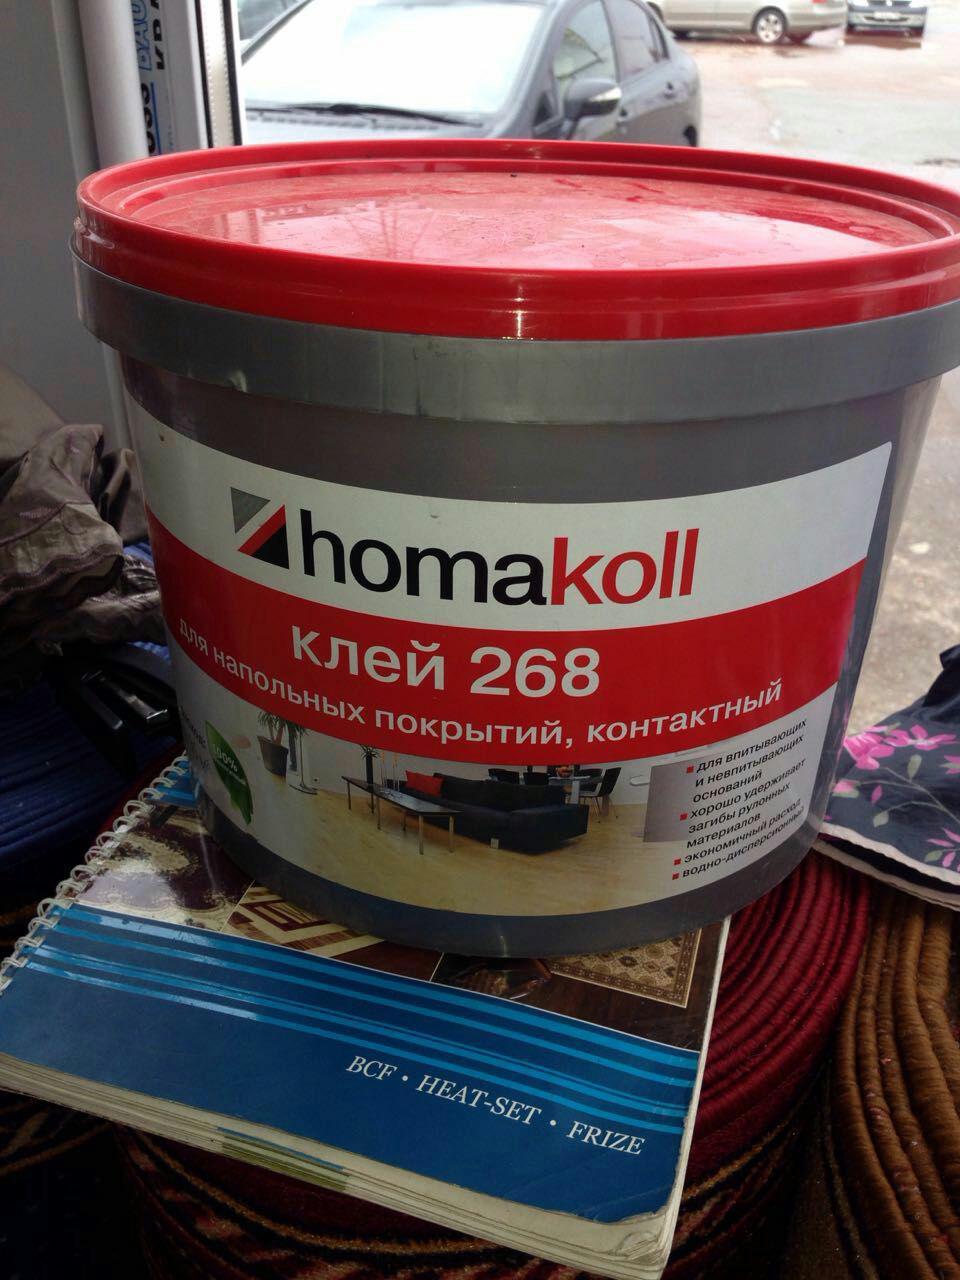 Клей Homakoll 268 для гибких напольных покрытий